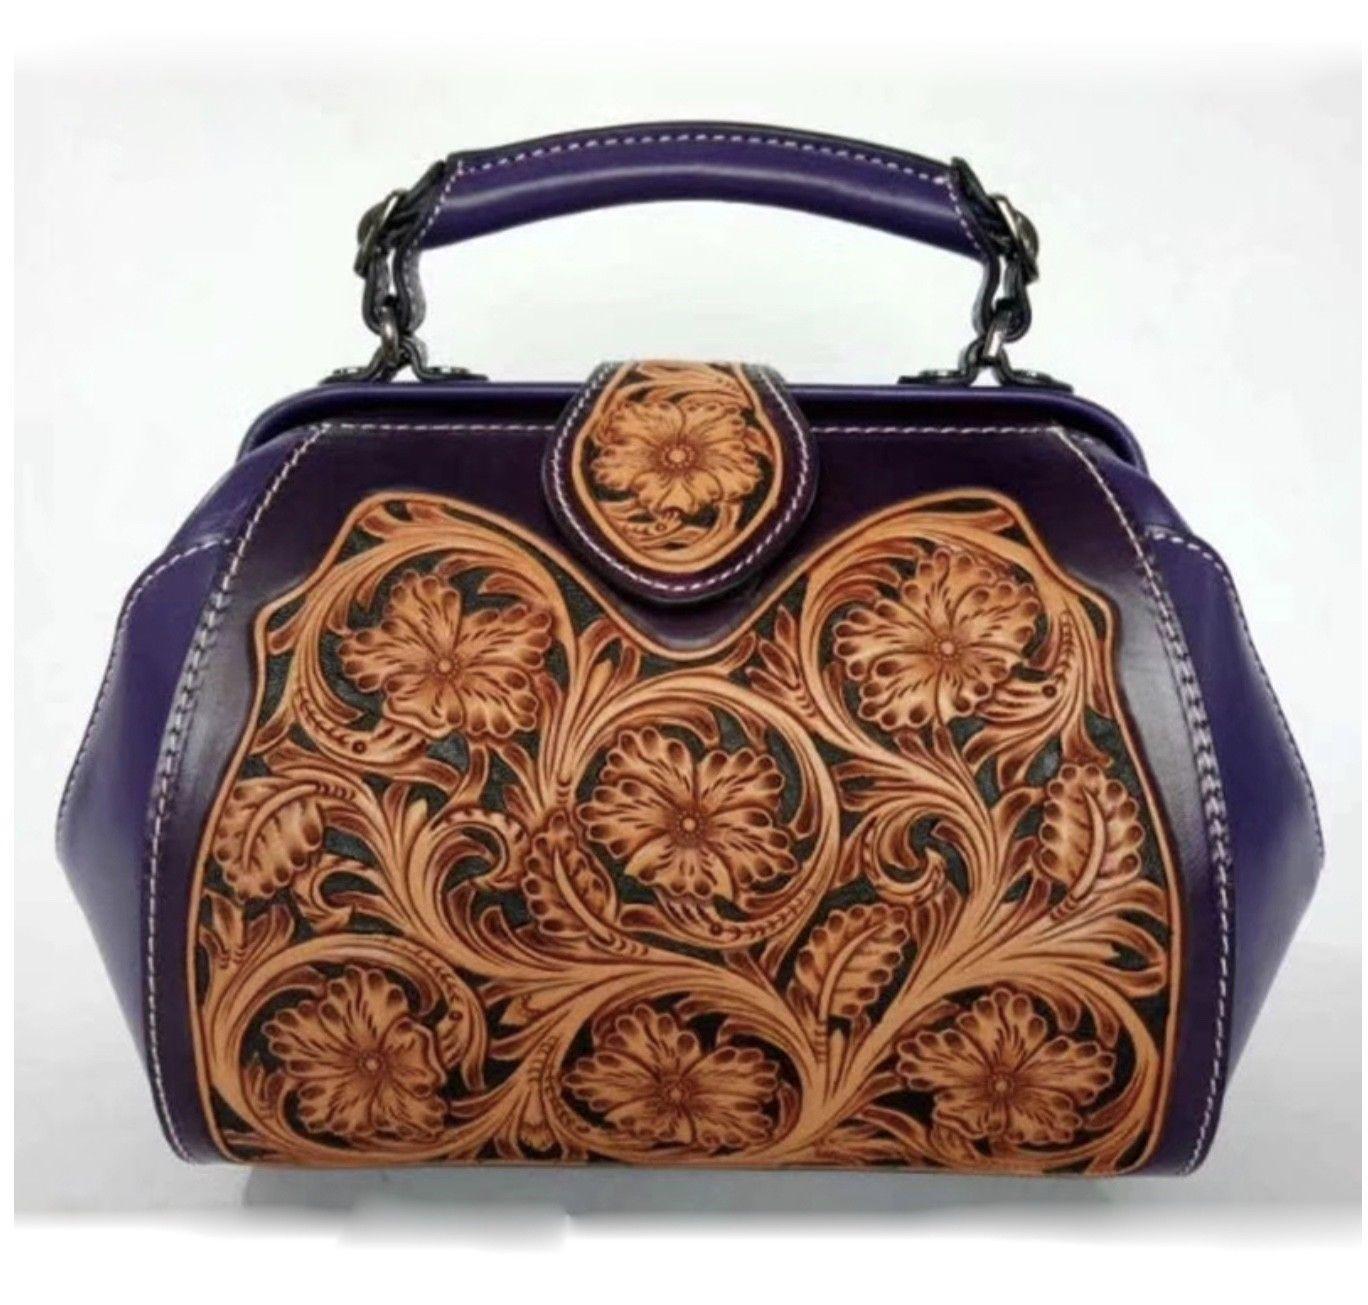 Western Floral Tooled Italian Leather Satchel Handbag Purse Shoulder Bag 2610